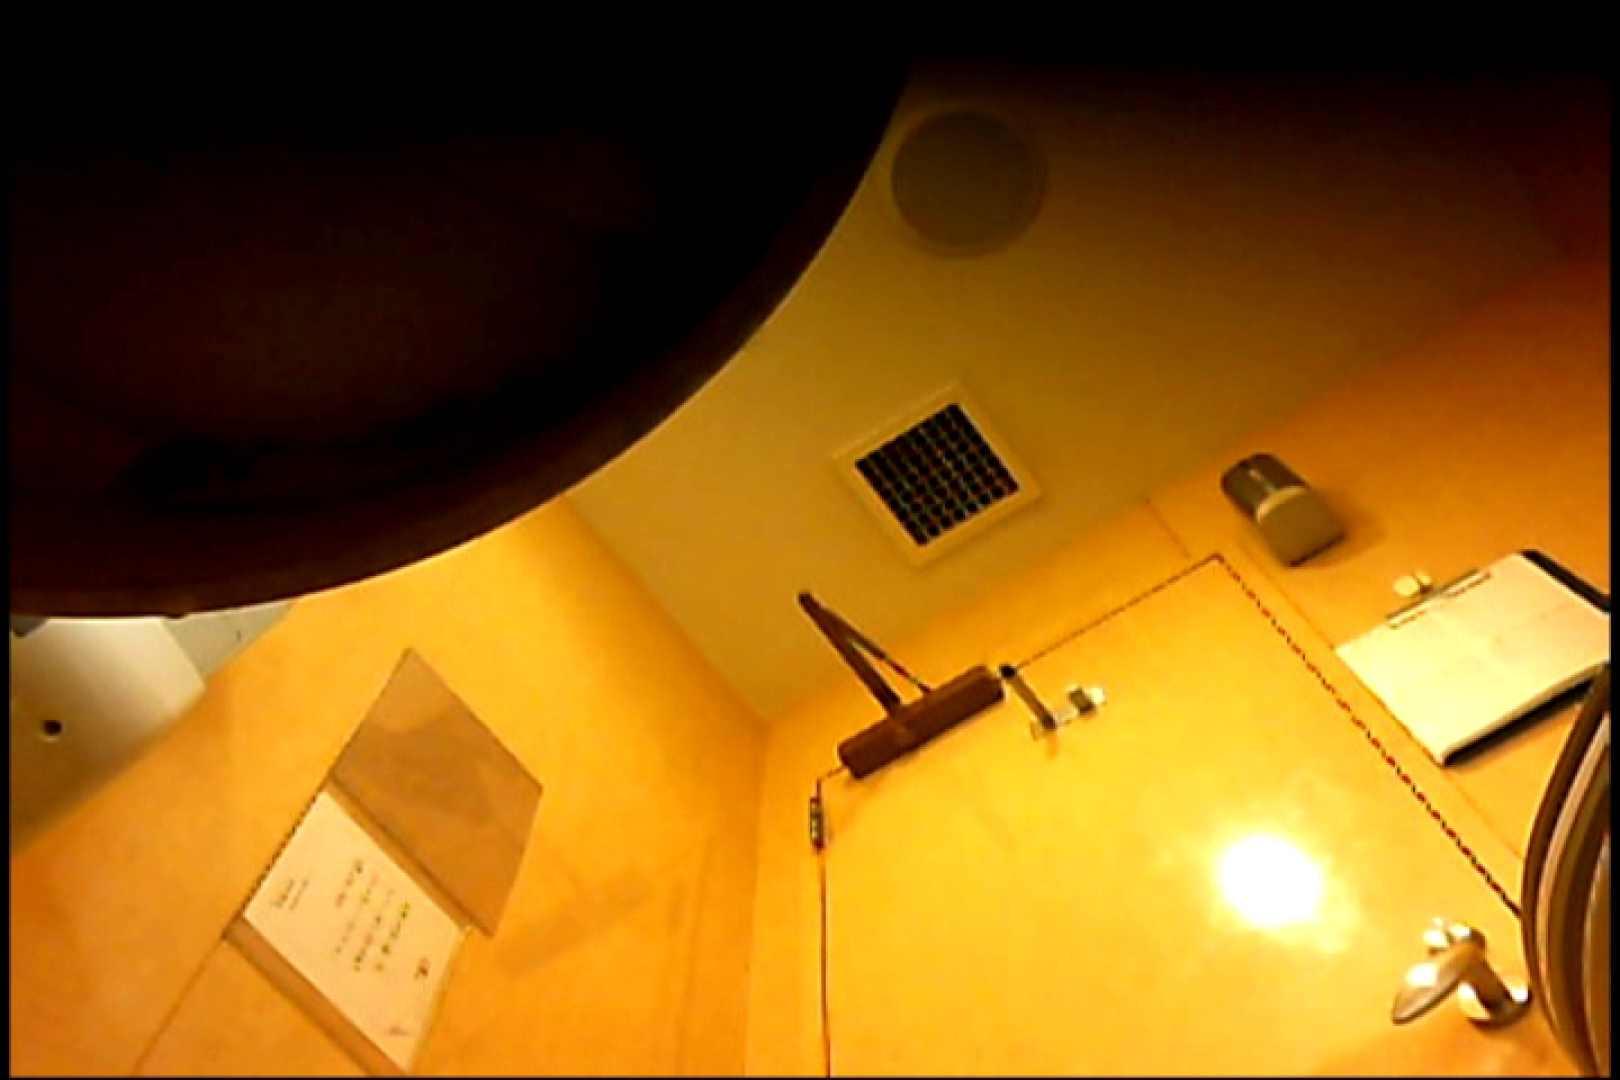 画質向上!新亀さん厠 vol.36 黄金水 オマンコ無修正動画無料 26連発 17